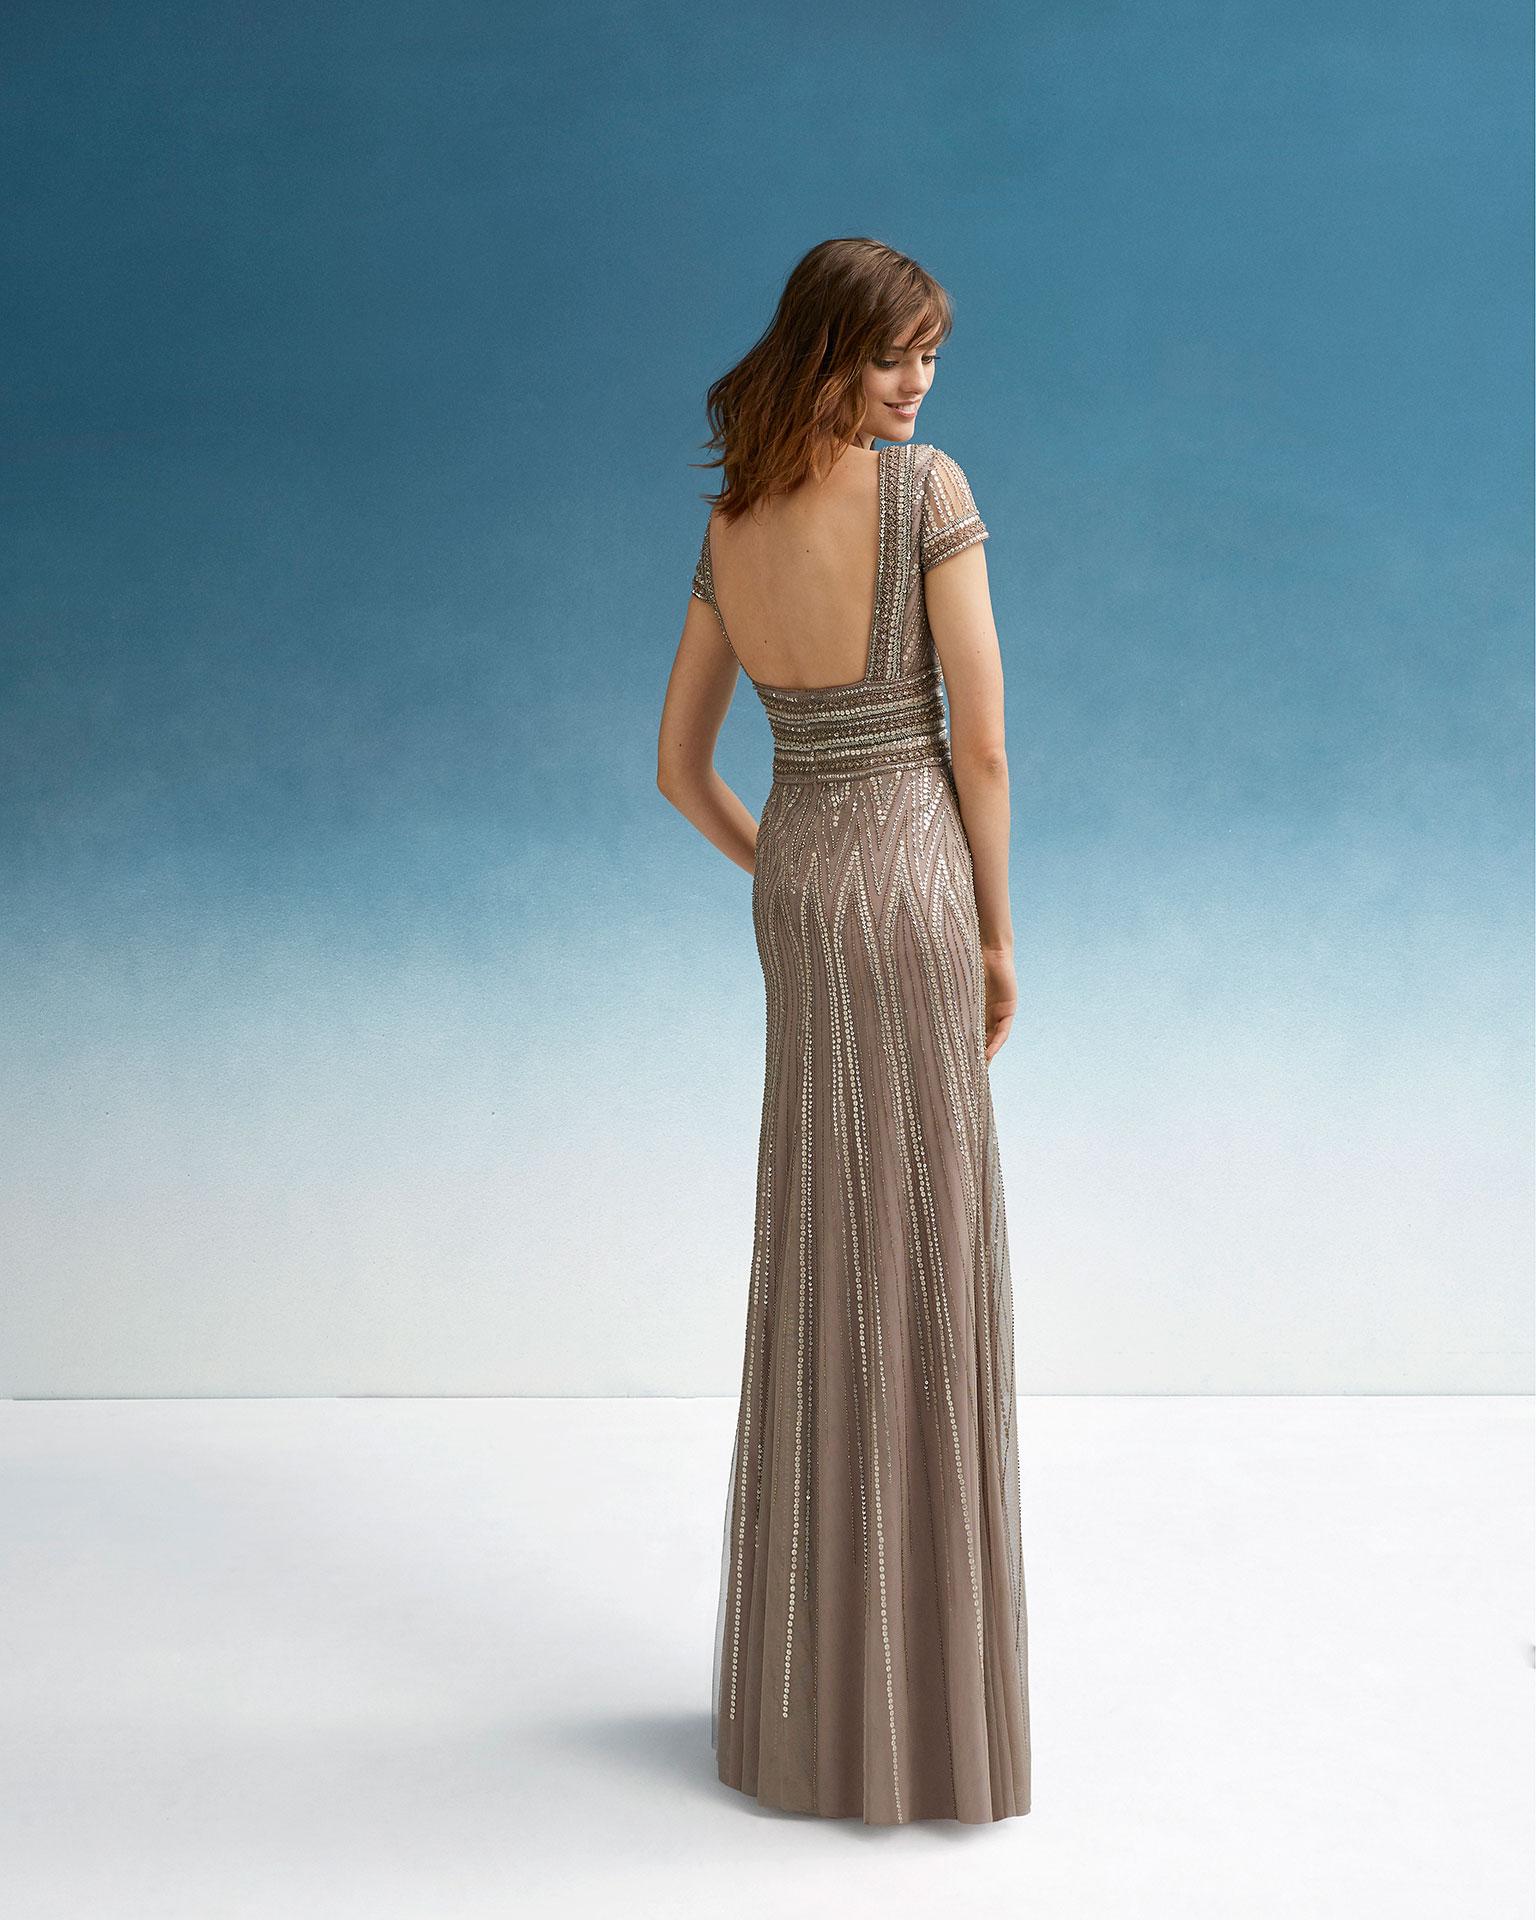 Vestido de festa de brilhantes. Decote em V, decote quadrado nas costas e manga curta. Coleção FIESTA AIRE BARCELONA 2019.